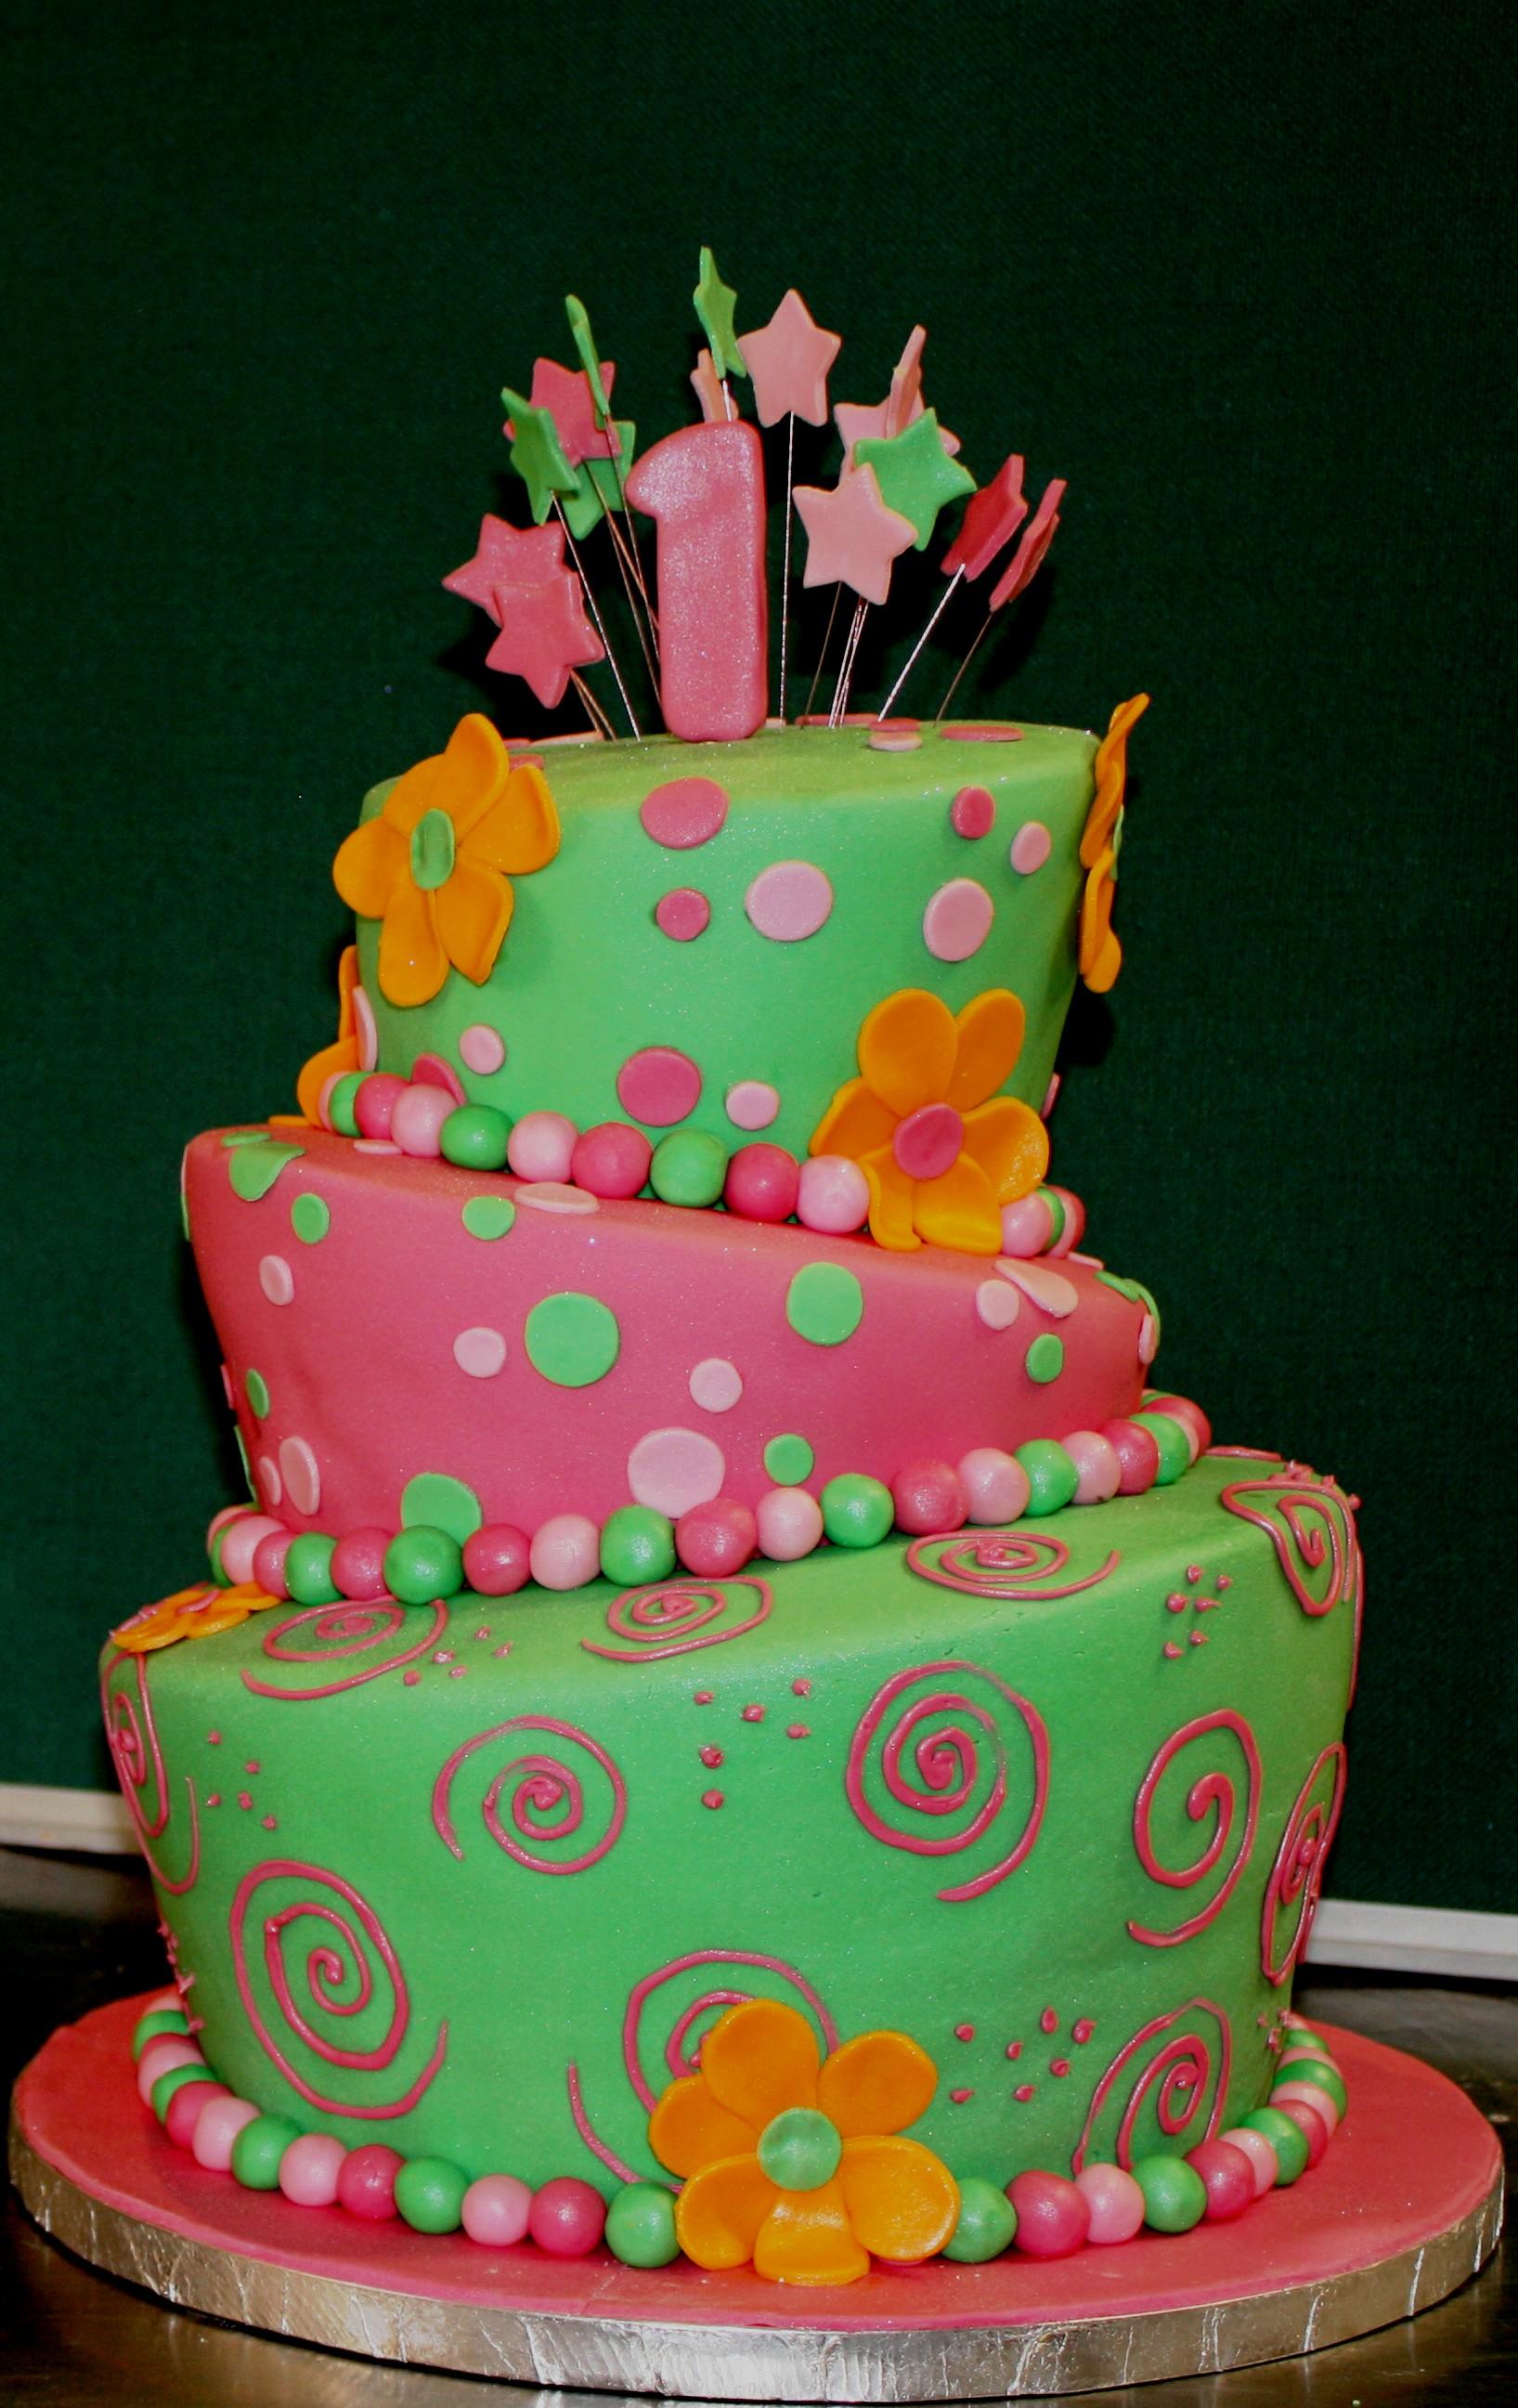 Topsy Turvy Cakes Decoration Ideas